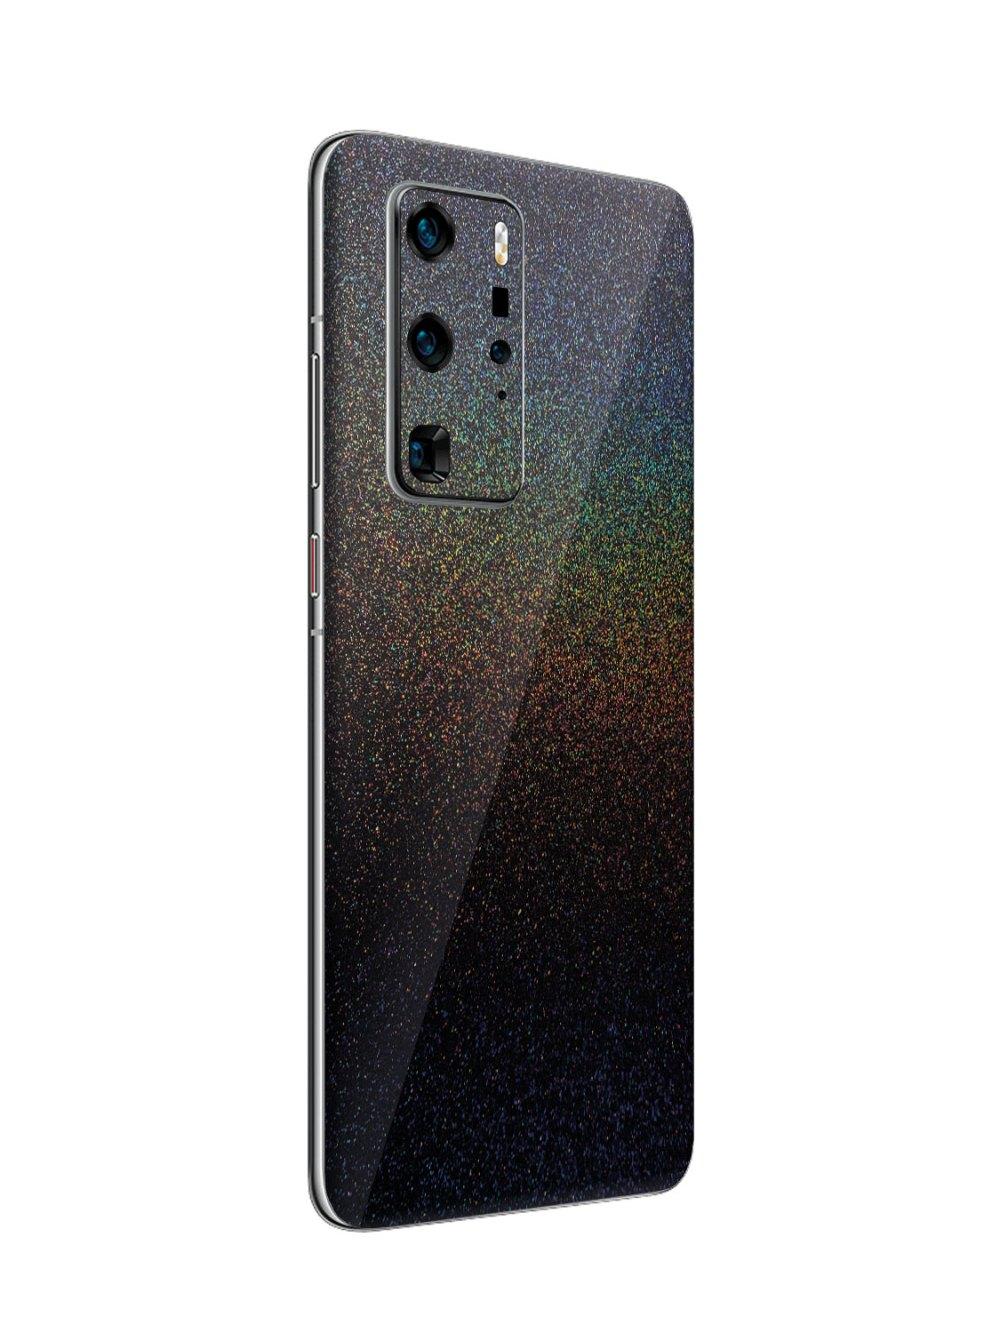 Cosmic Morpheus Vinyl Skin for Huawei P40 Pro